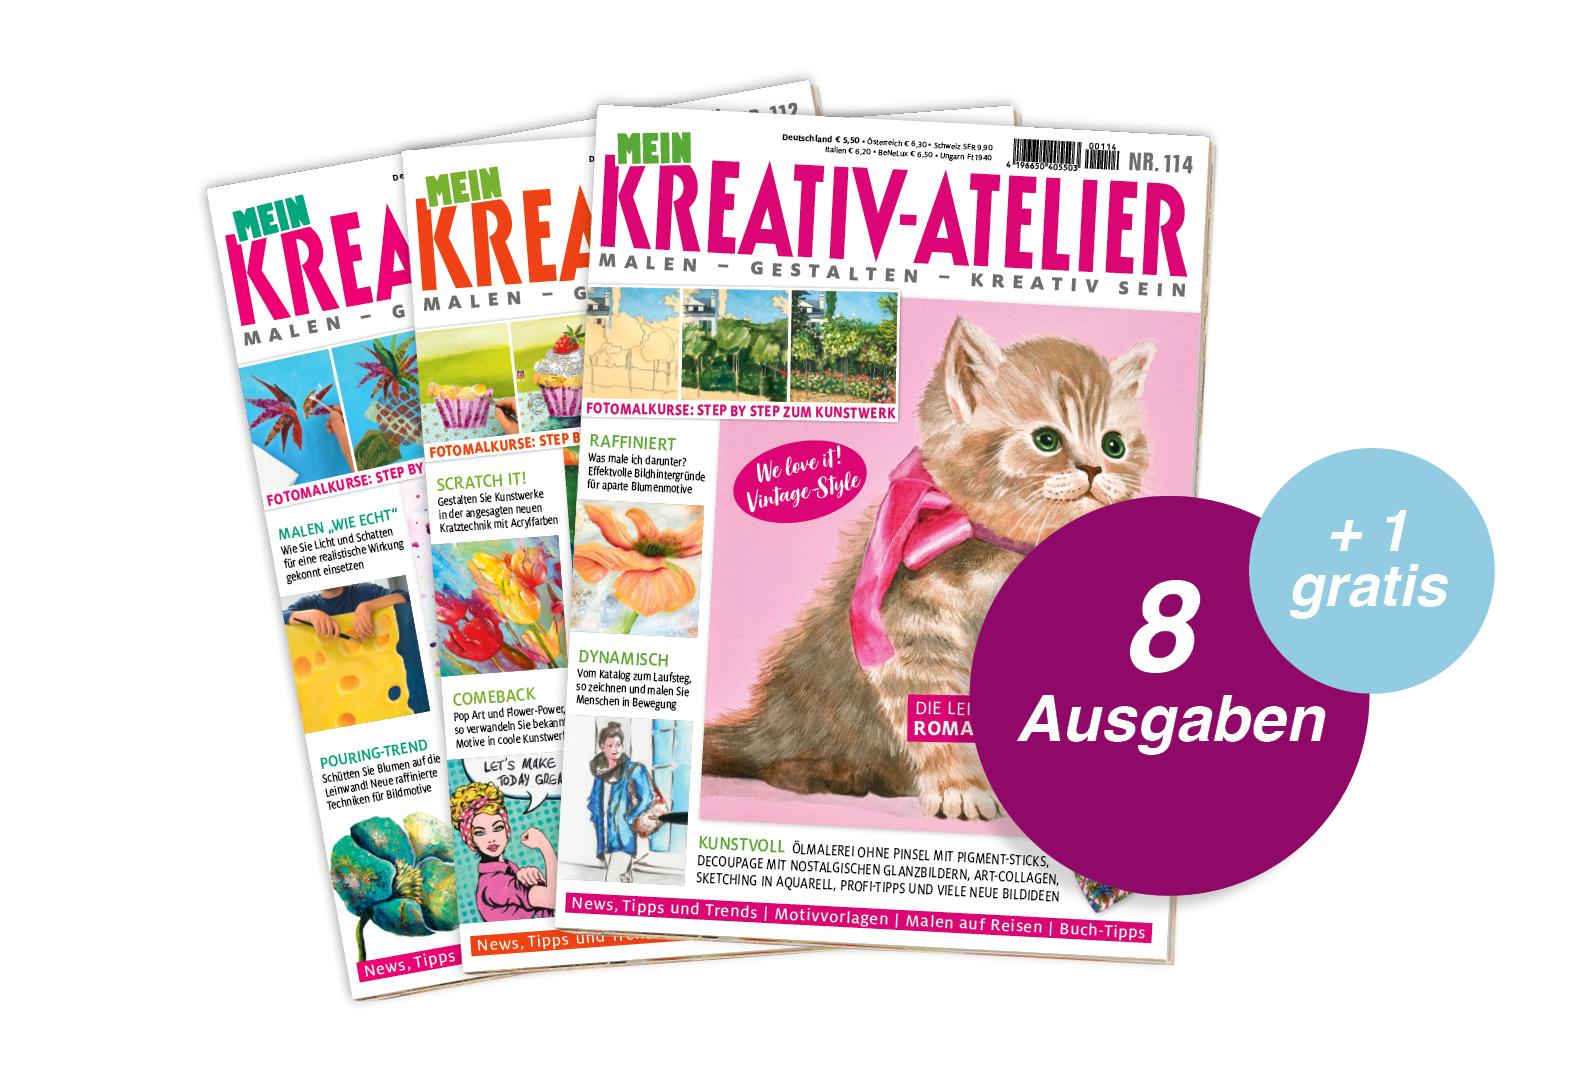 Mein Kreativ-Atelier - Jahresabo + 1 Ausgabe gratis